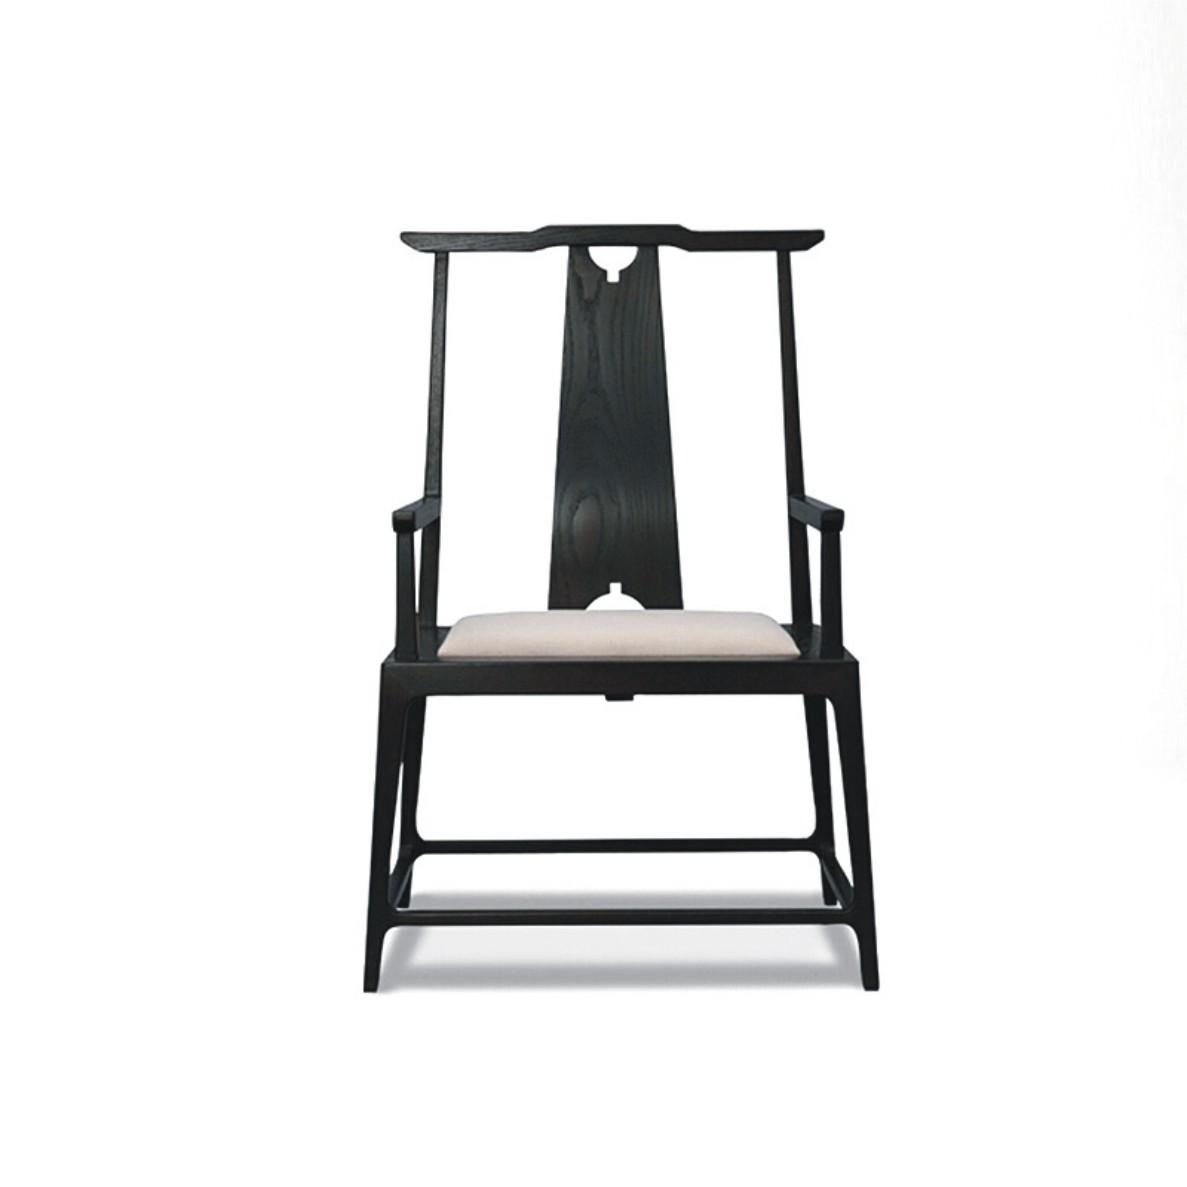 书房|书椅|创意家具|现代家居|时尚家具|设计师家具|新中式书椅H7